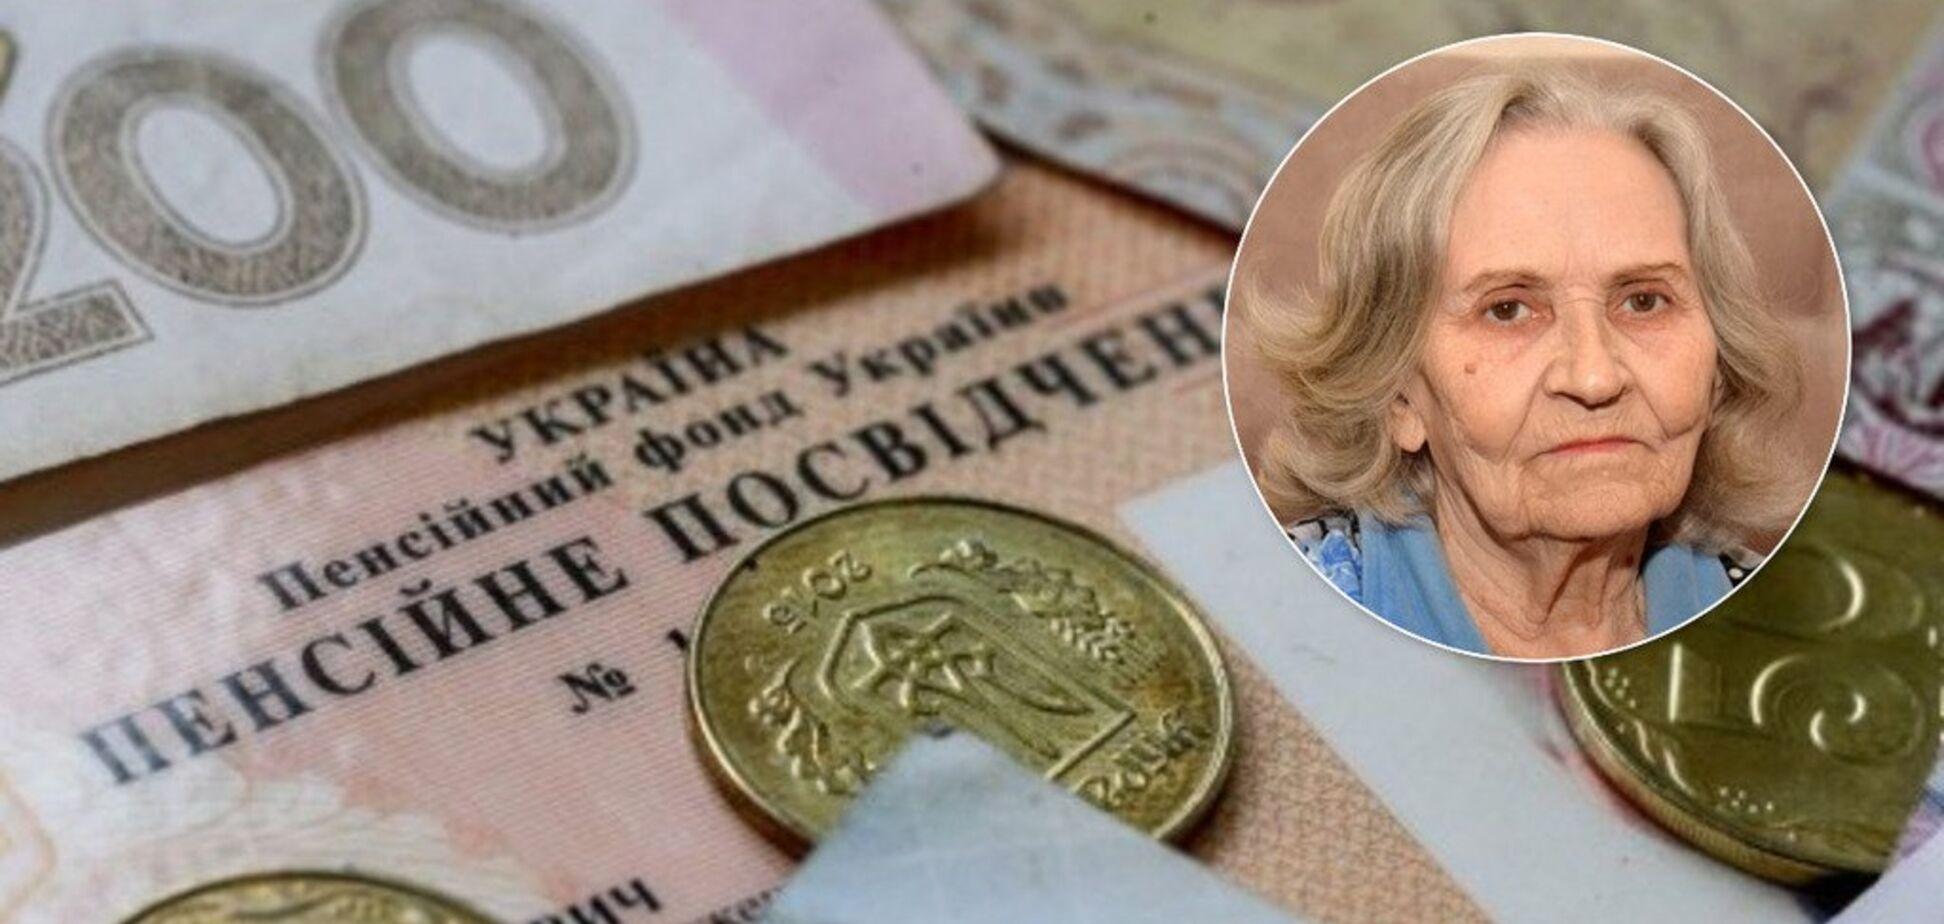 'Слуга народу' пропонує підвищити пенсійний вік: кому і як